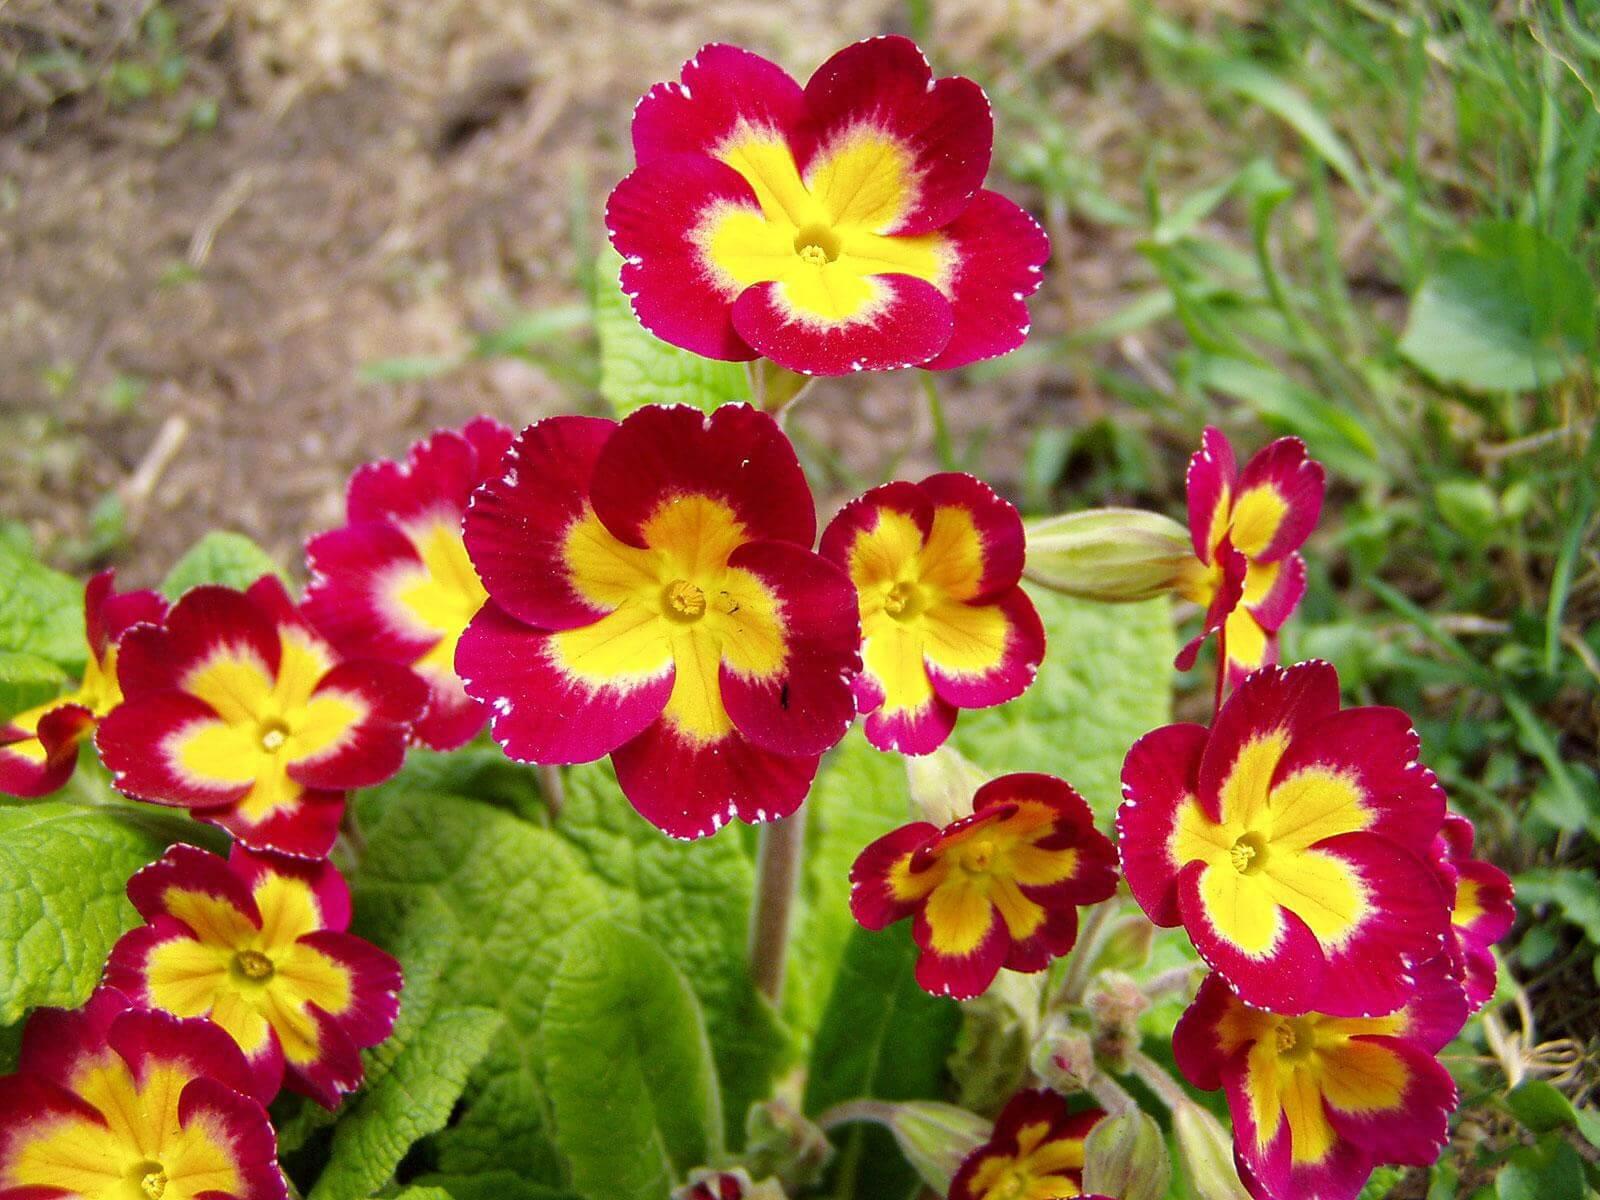 Примула высокая - описание растения и его лекарственные свойства